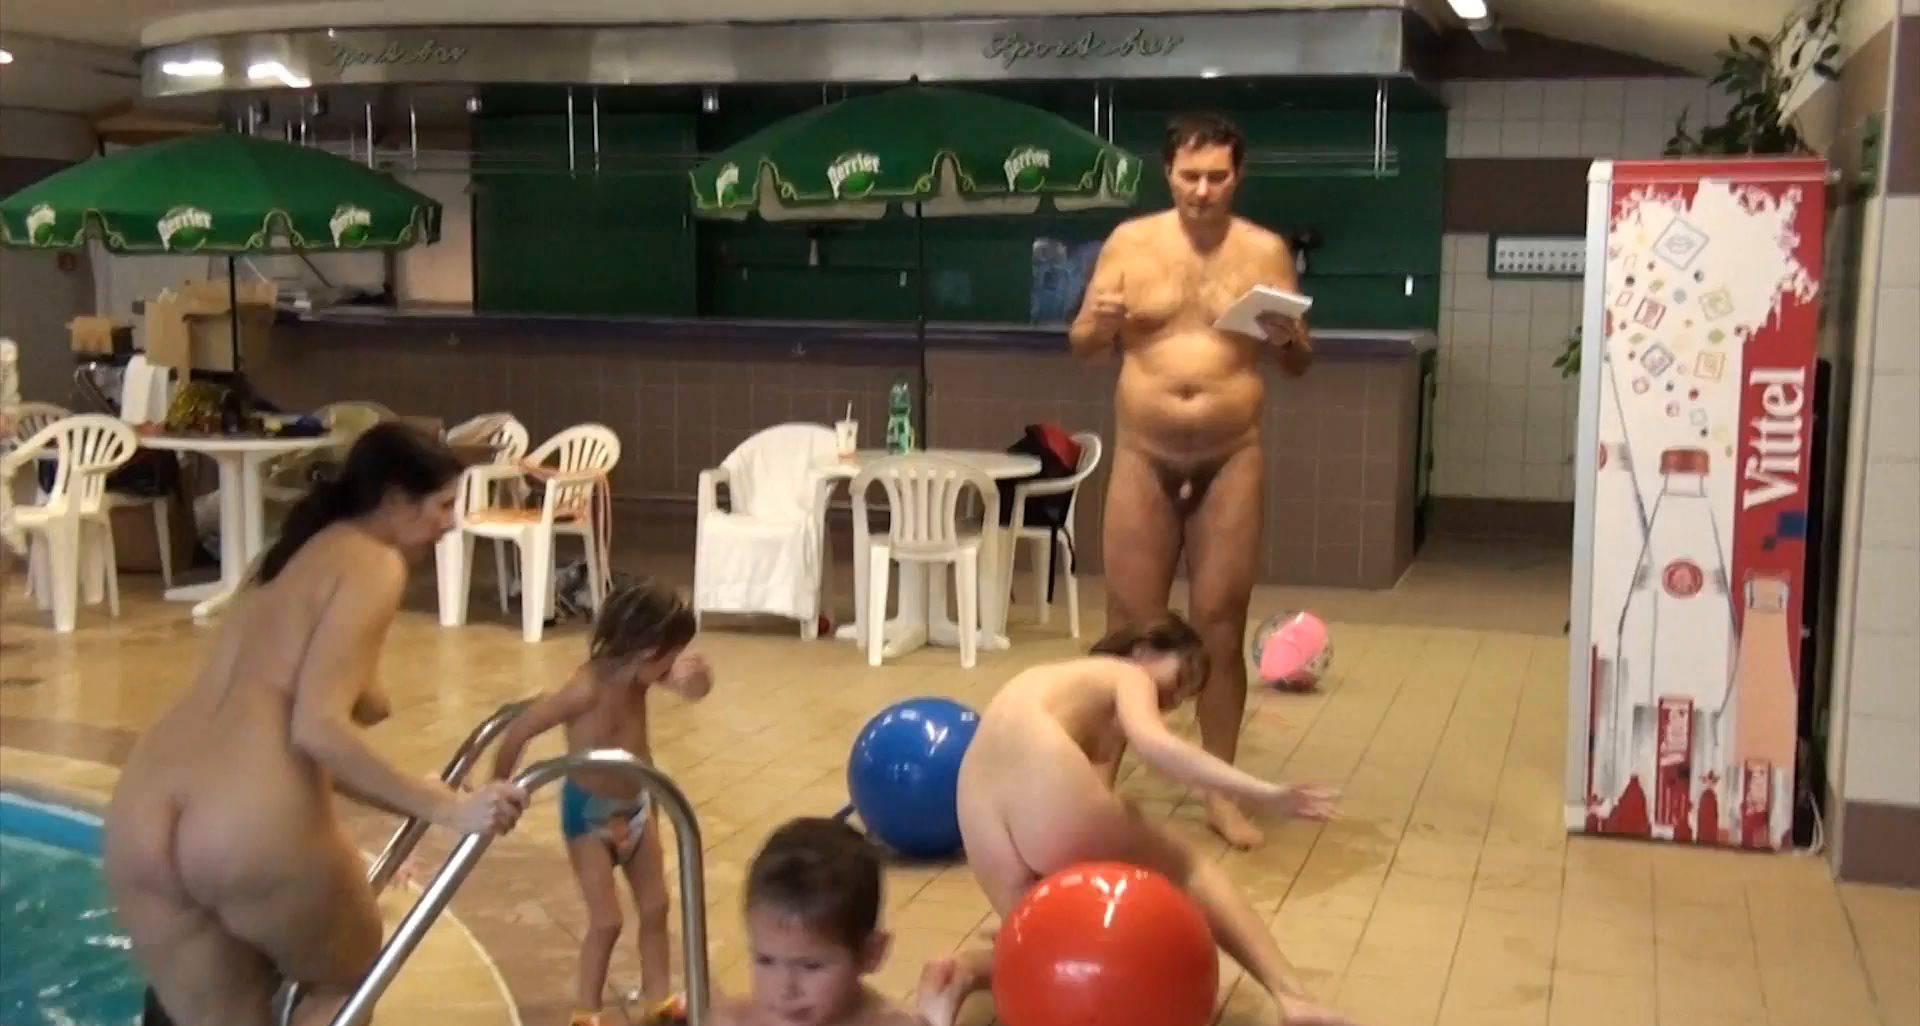 Nudist Videos Kids Indoor Dolphin Ride - 2